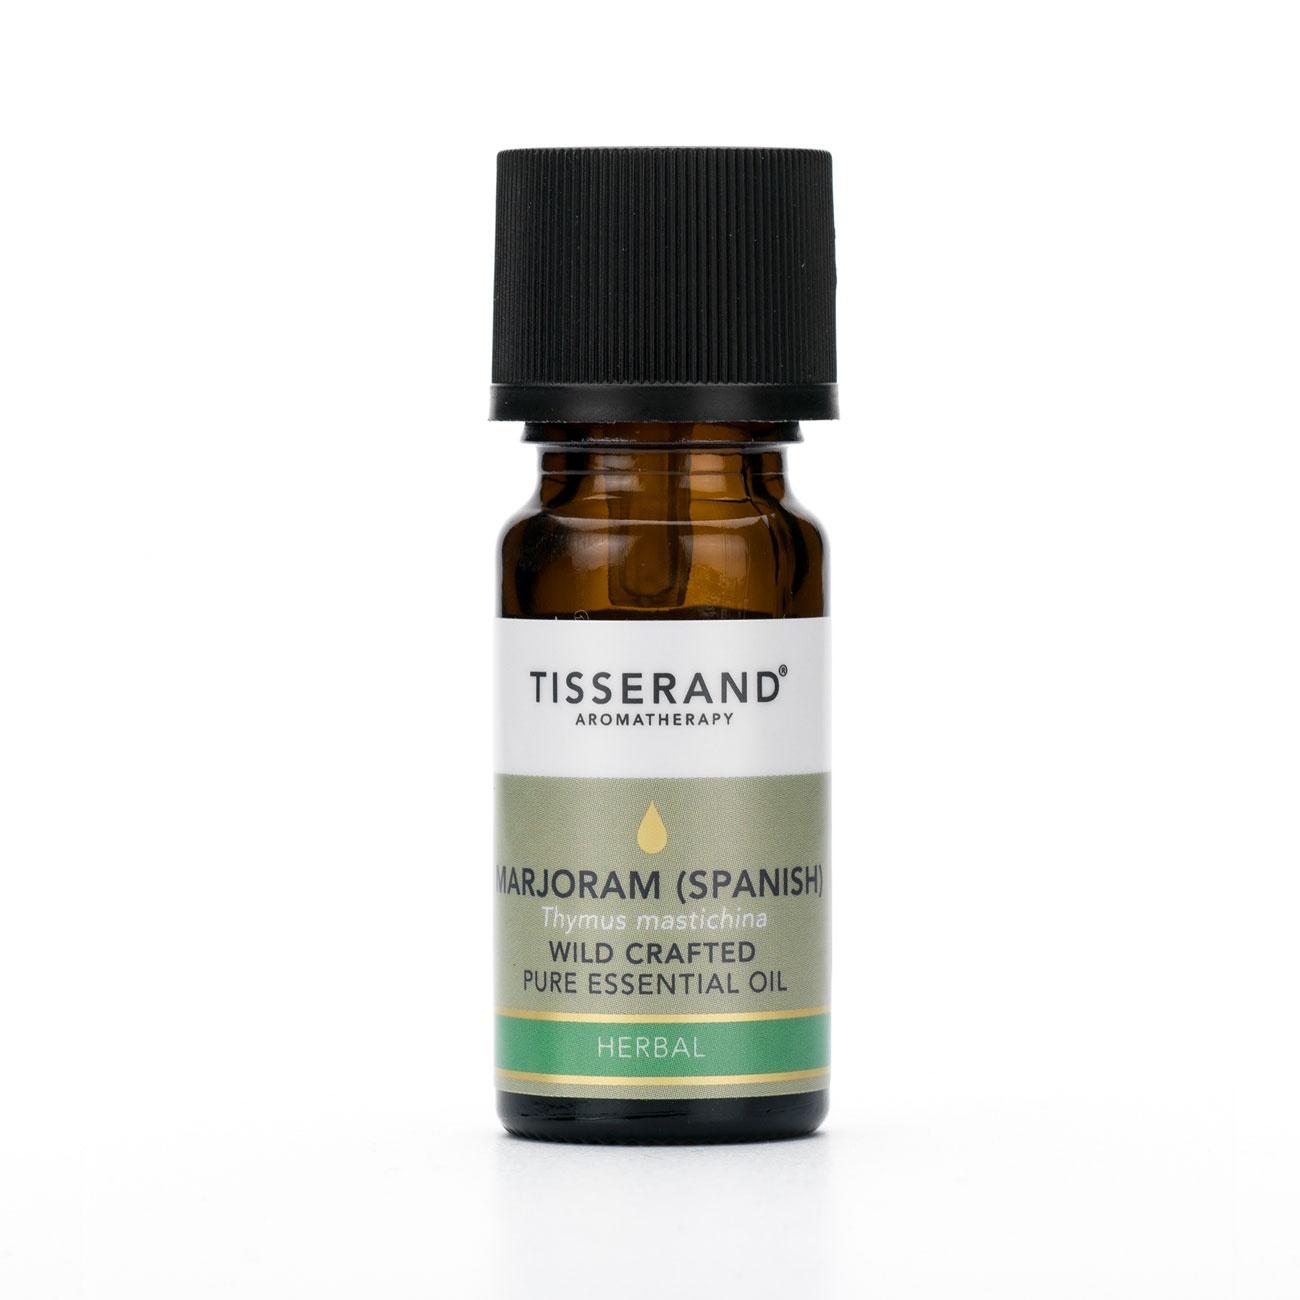 Tisserand Marjoram Spanish Wild Crafted Essential Oil 9ml